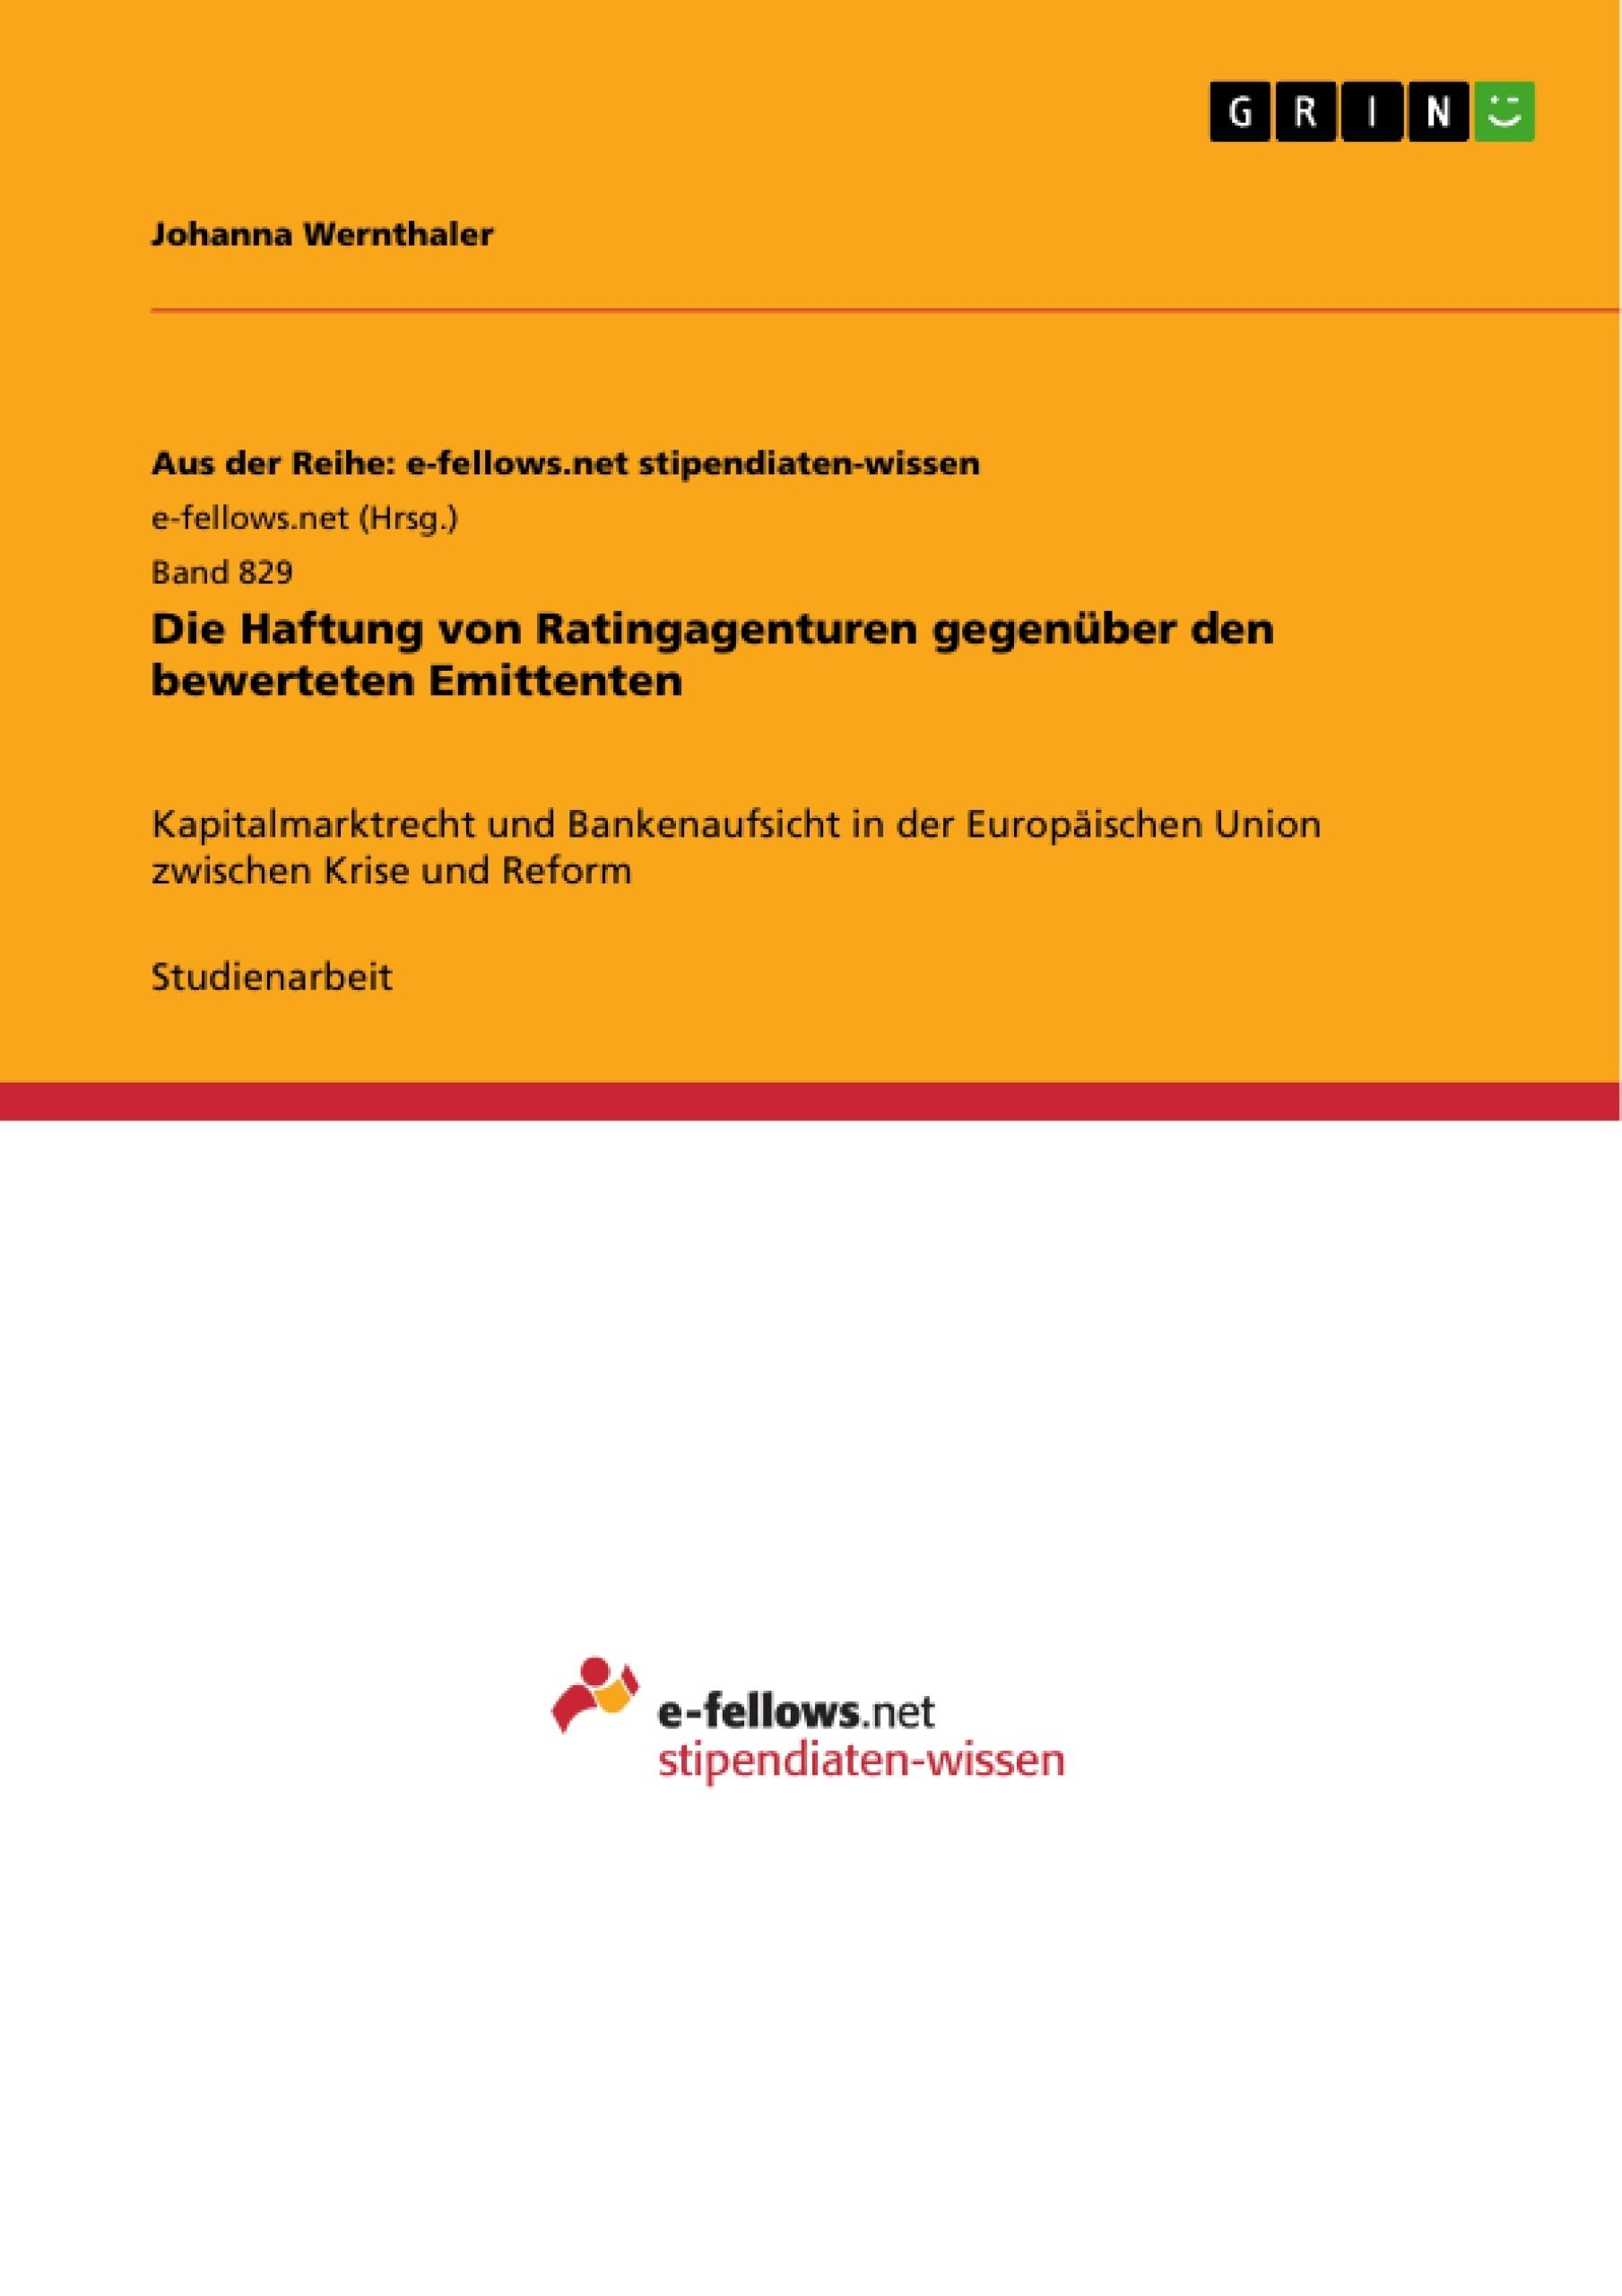 Titel: Die Haftung von Ratingagenturen gegenüber den bewerteten Emittenten